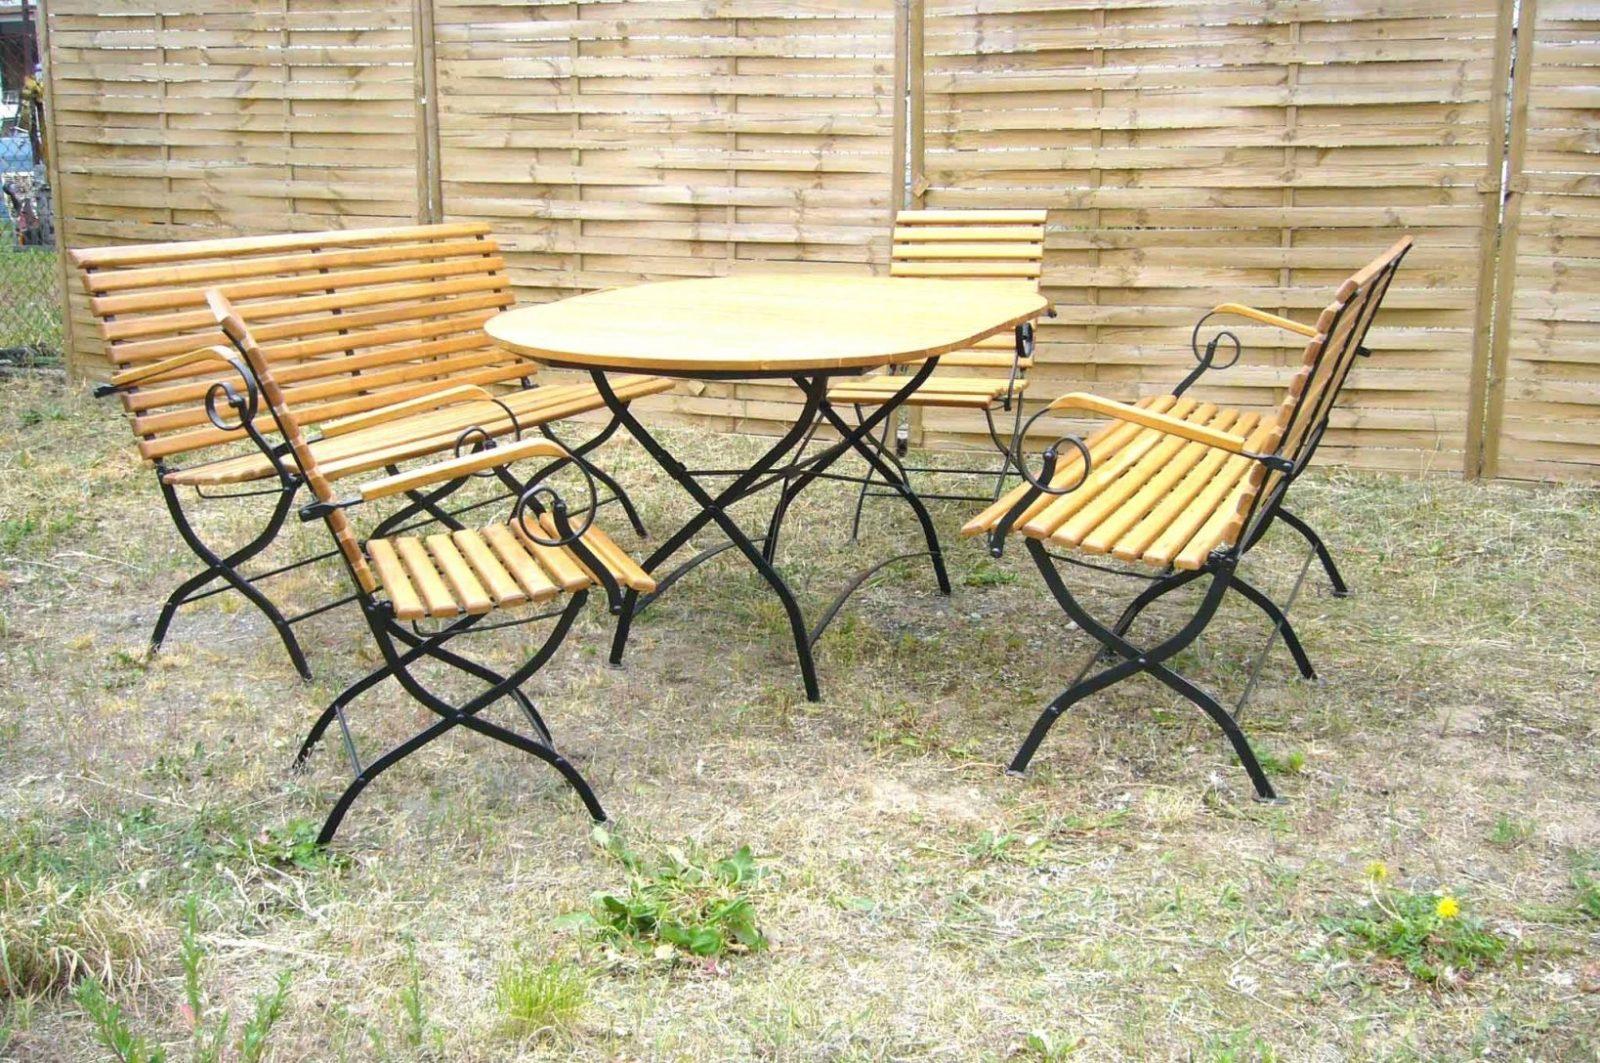 Bistrostuhl Metall Garten Good X Gartenstuhl Eisen Stuhl Klappstuhl von Gartenstühle Metall Holz Klappbar Bild